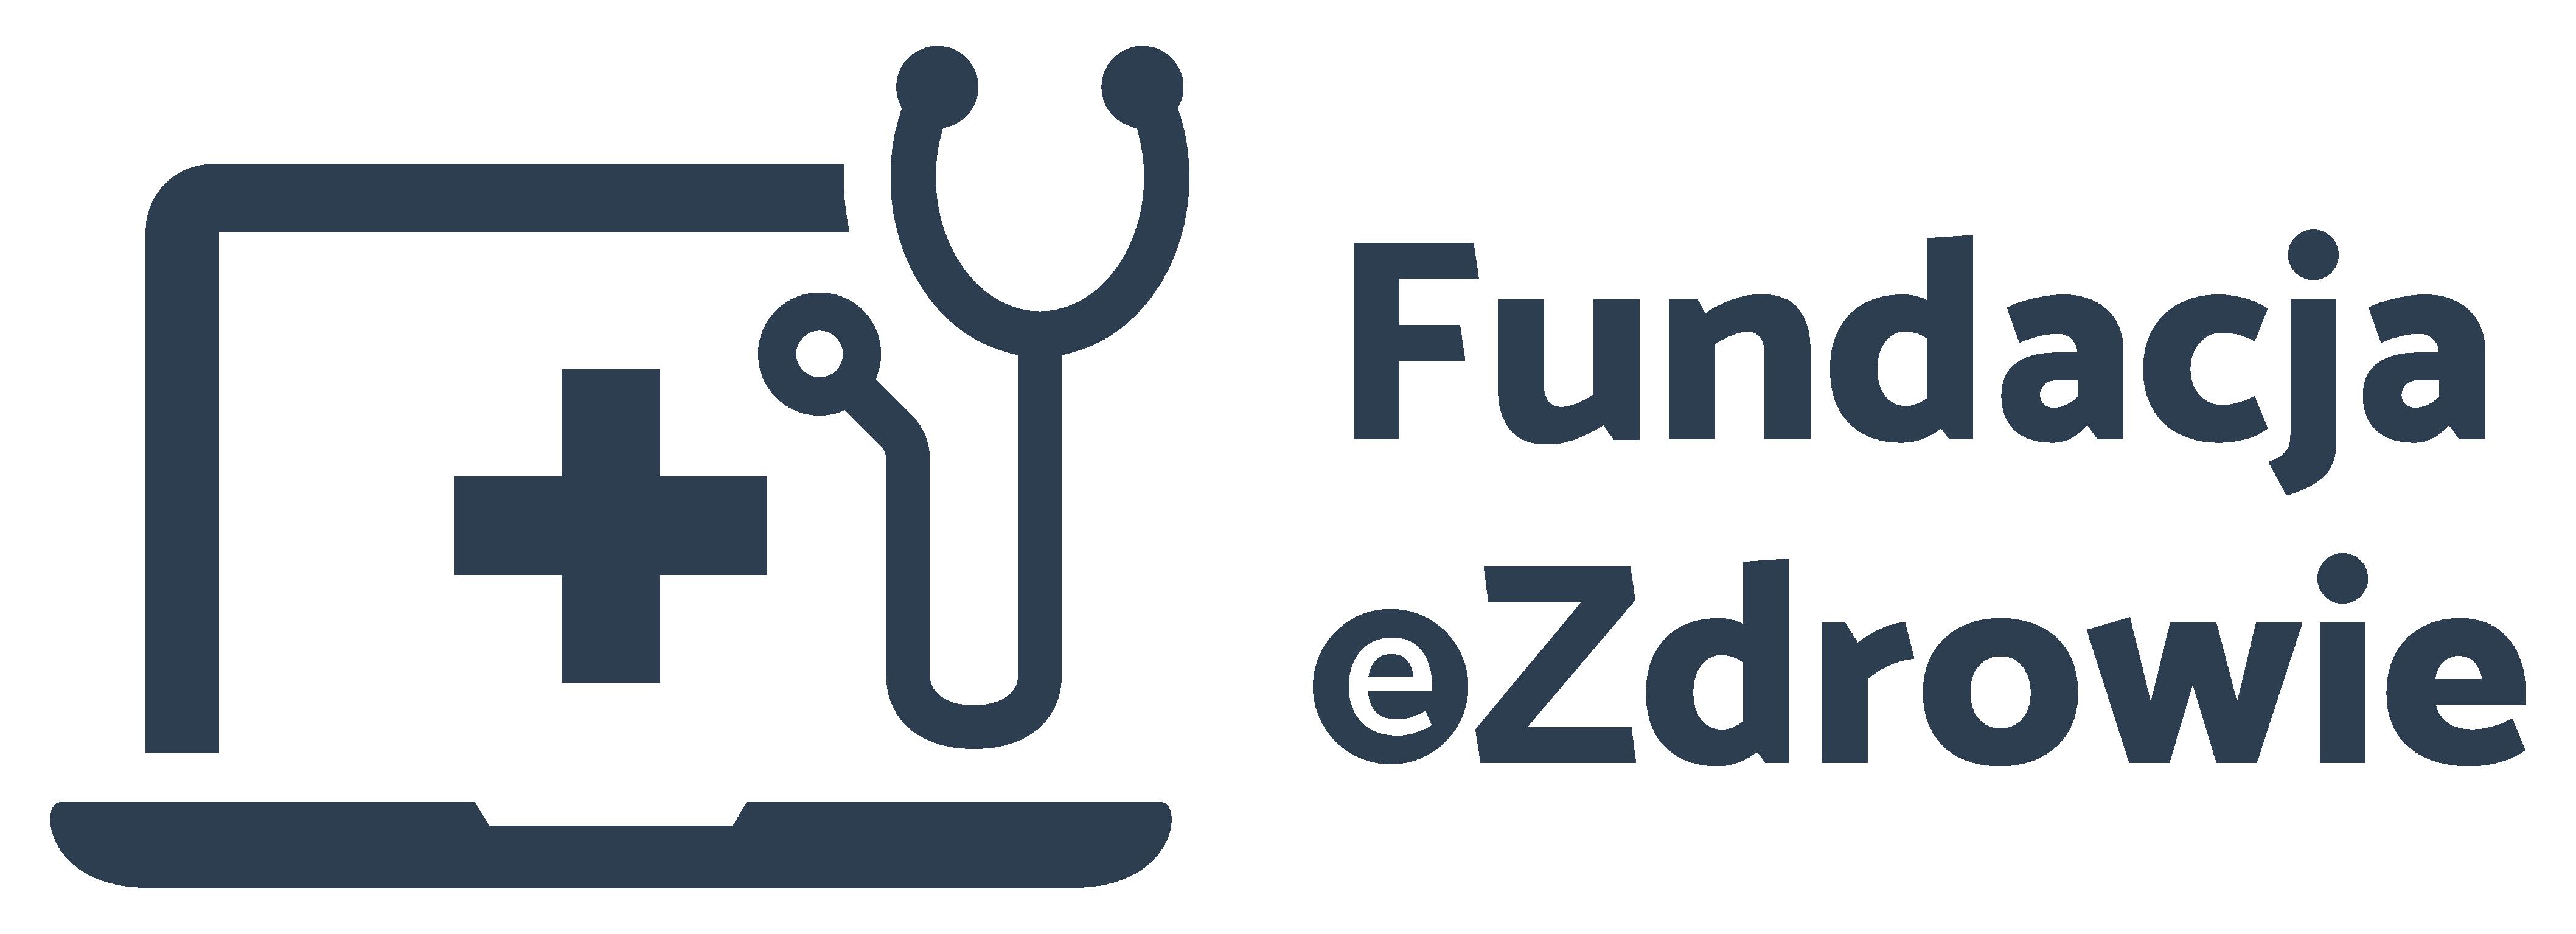 Fundacja eZdrowie